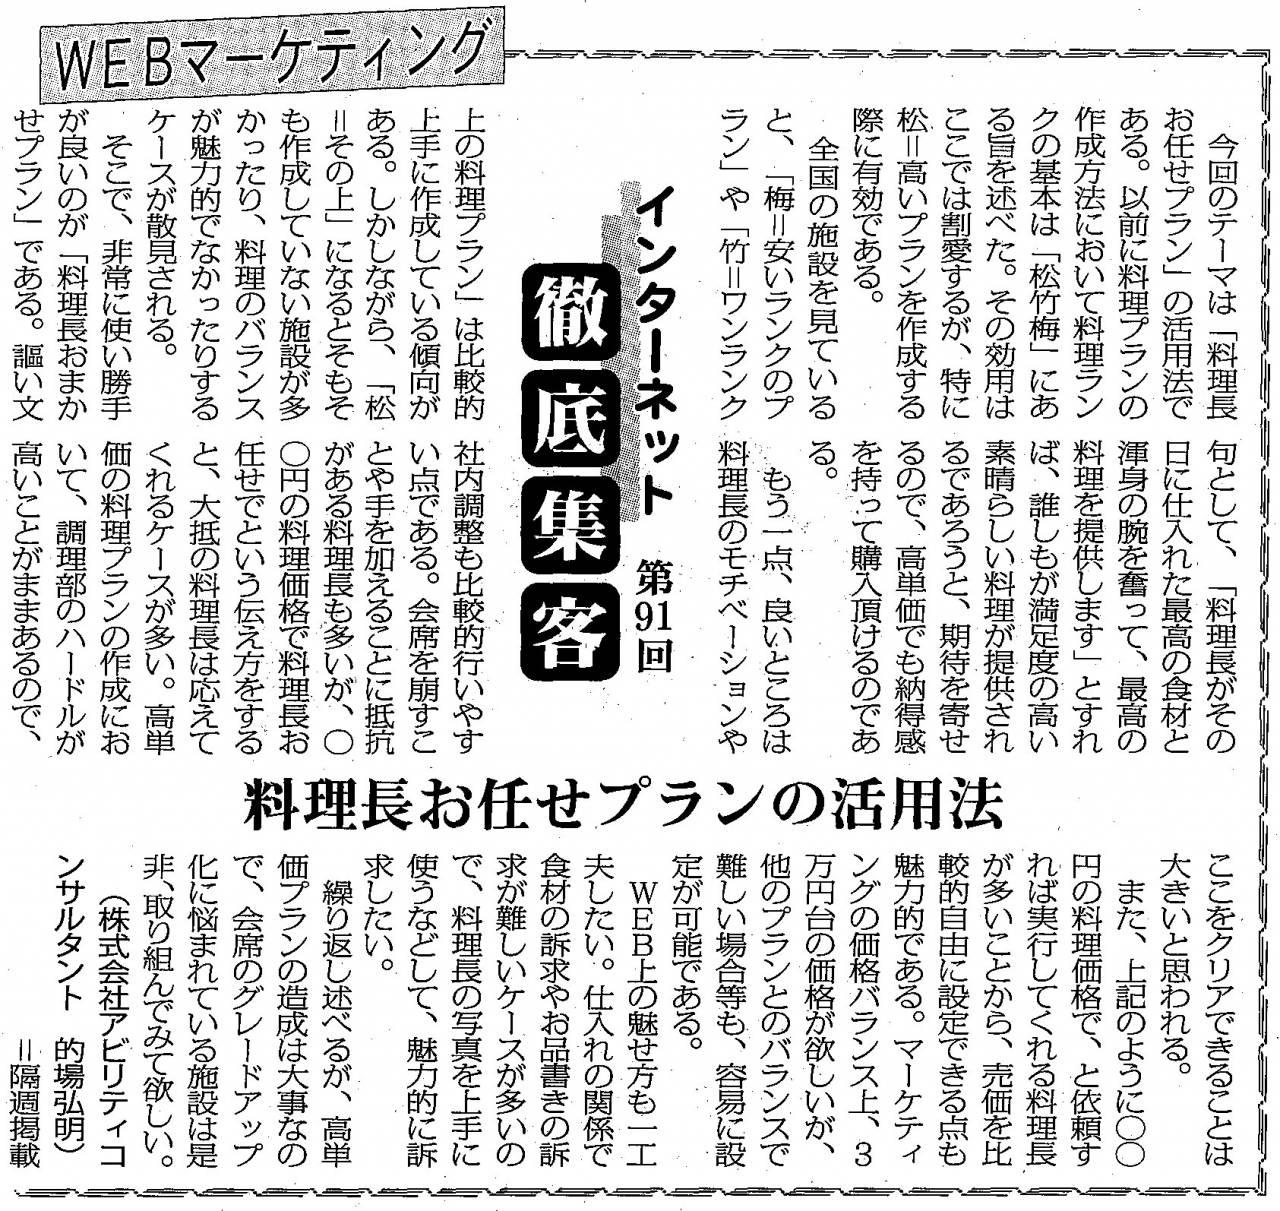 【第91回】WEBマーケティング 料理長お任せプランの活用法